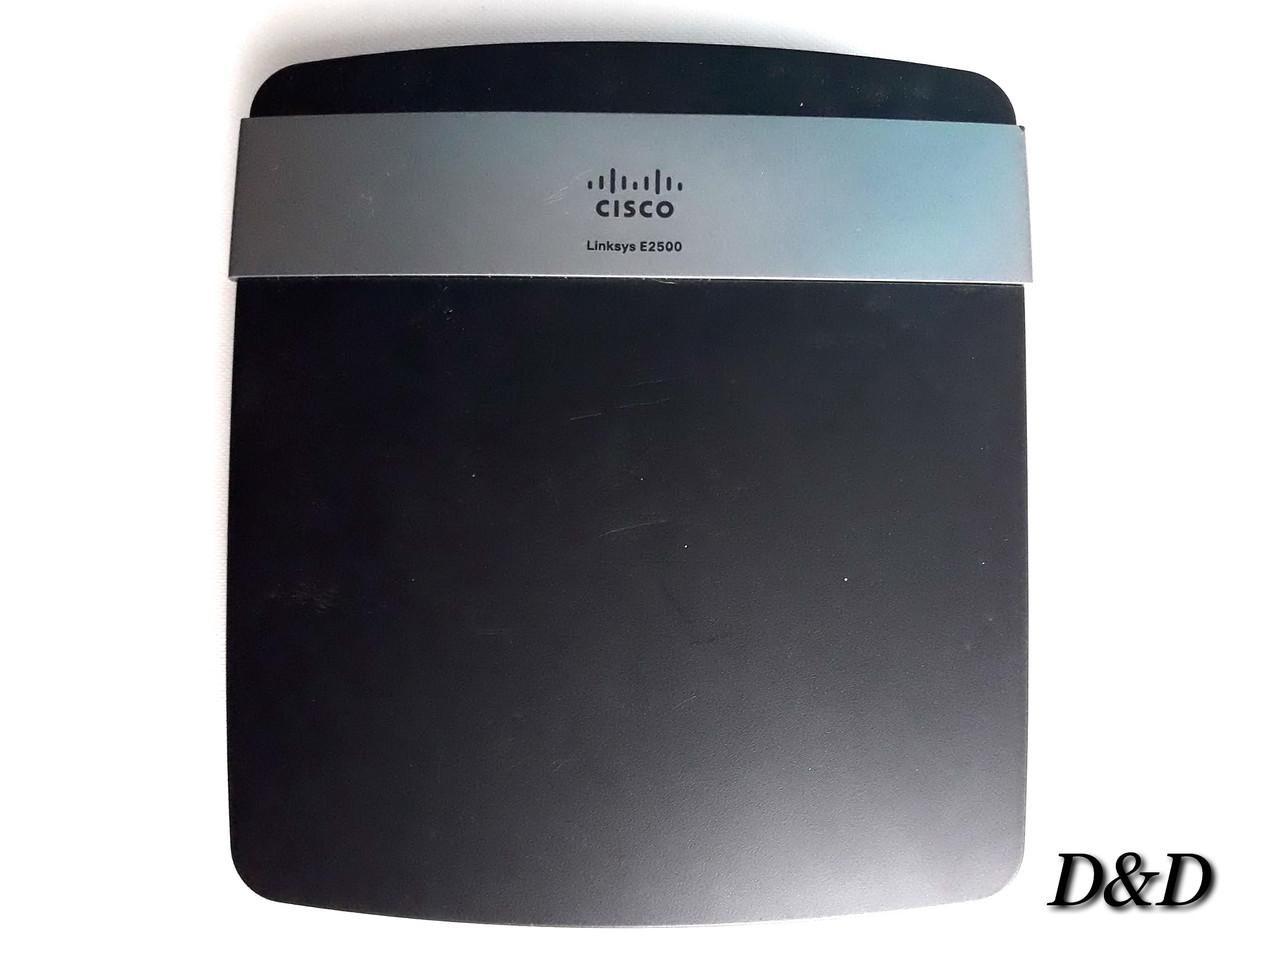 Беспроводной маршрутизатор (роутер) Cisco Linksys E2500 Без блока питания